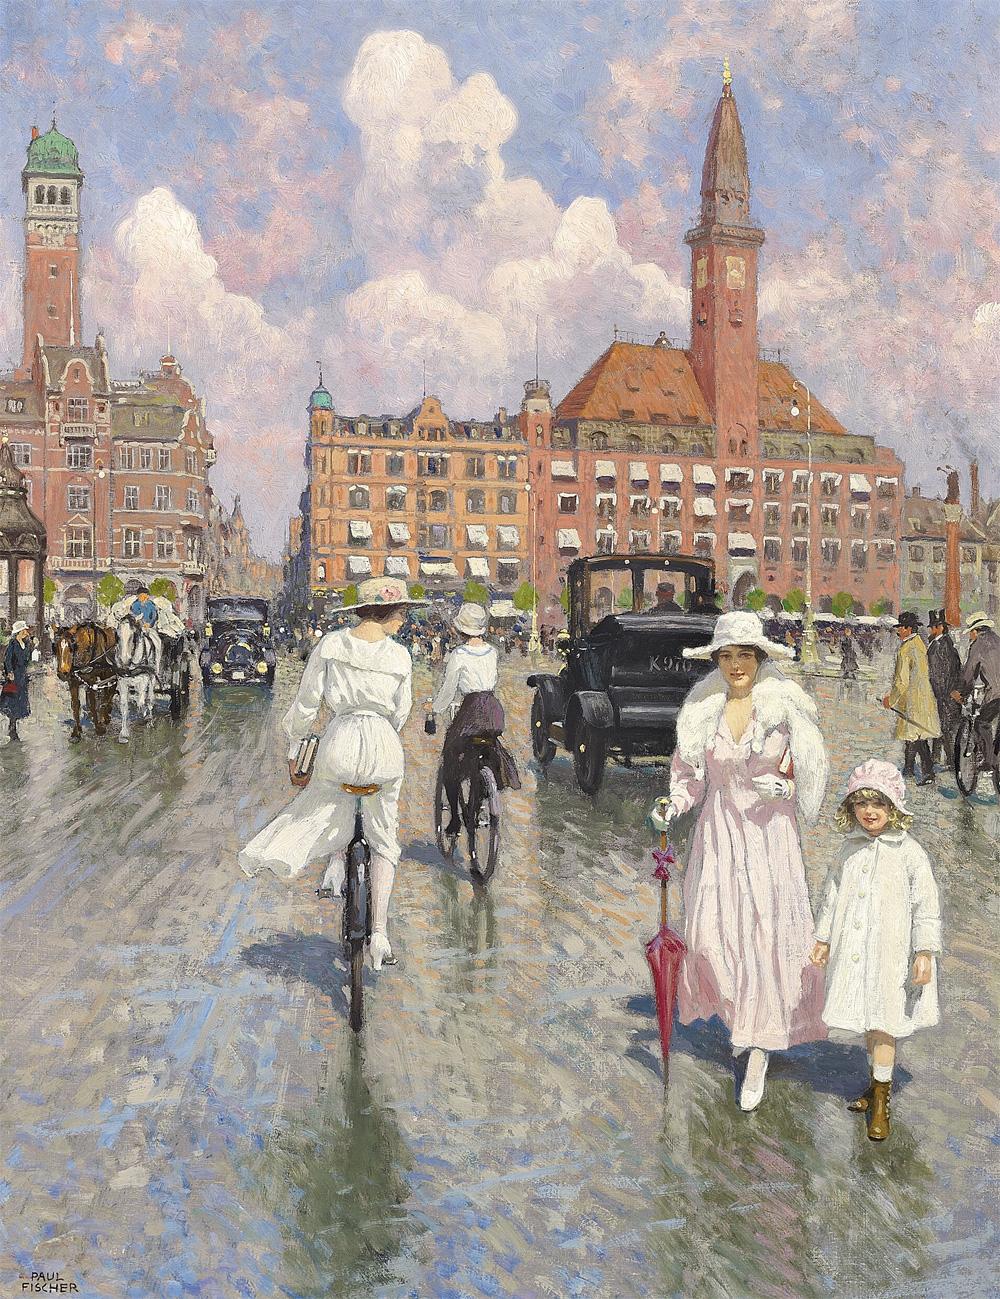 Paul_Fischer_-_Kunstnerens_hustru_Musse_og_datteren_Grethe_passeres_af_elegante_cykelpiger_pa_Radhuspladsen_foran_Palace_Hotel_-_1918.jpg